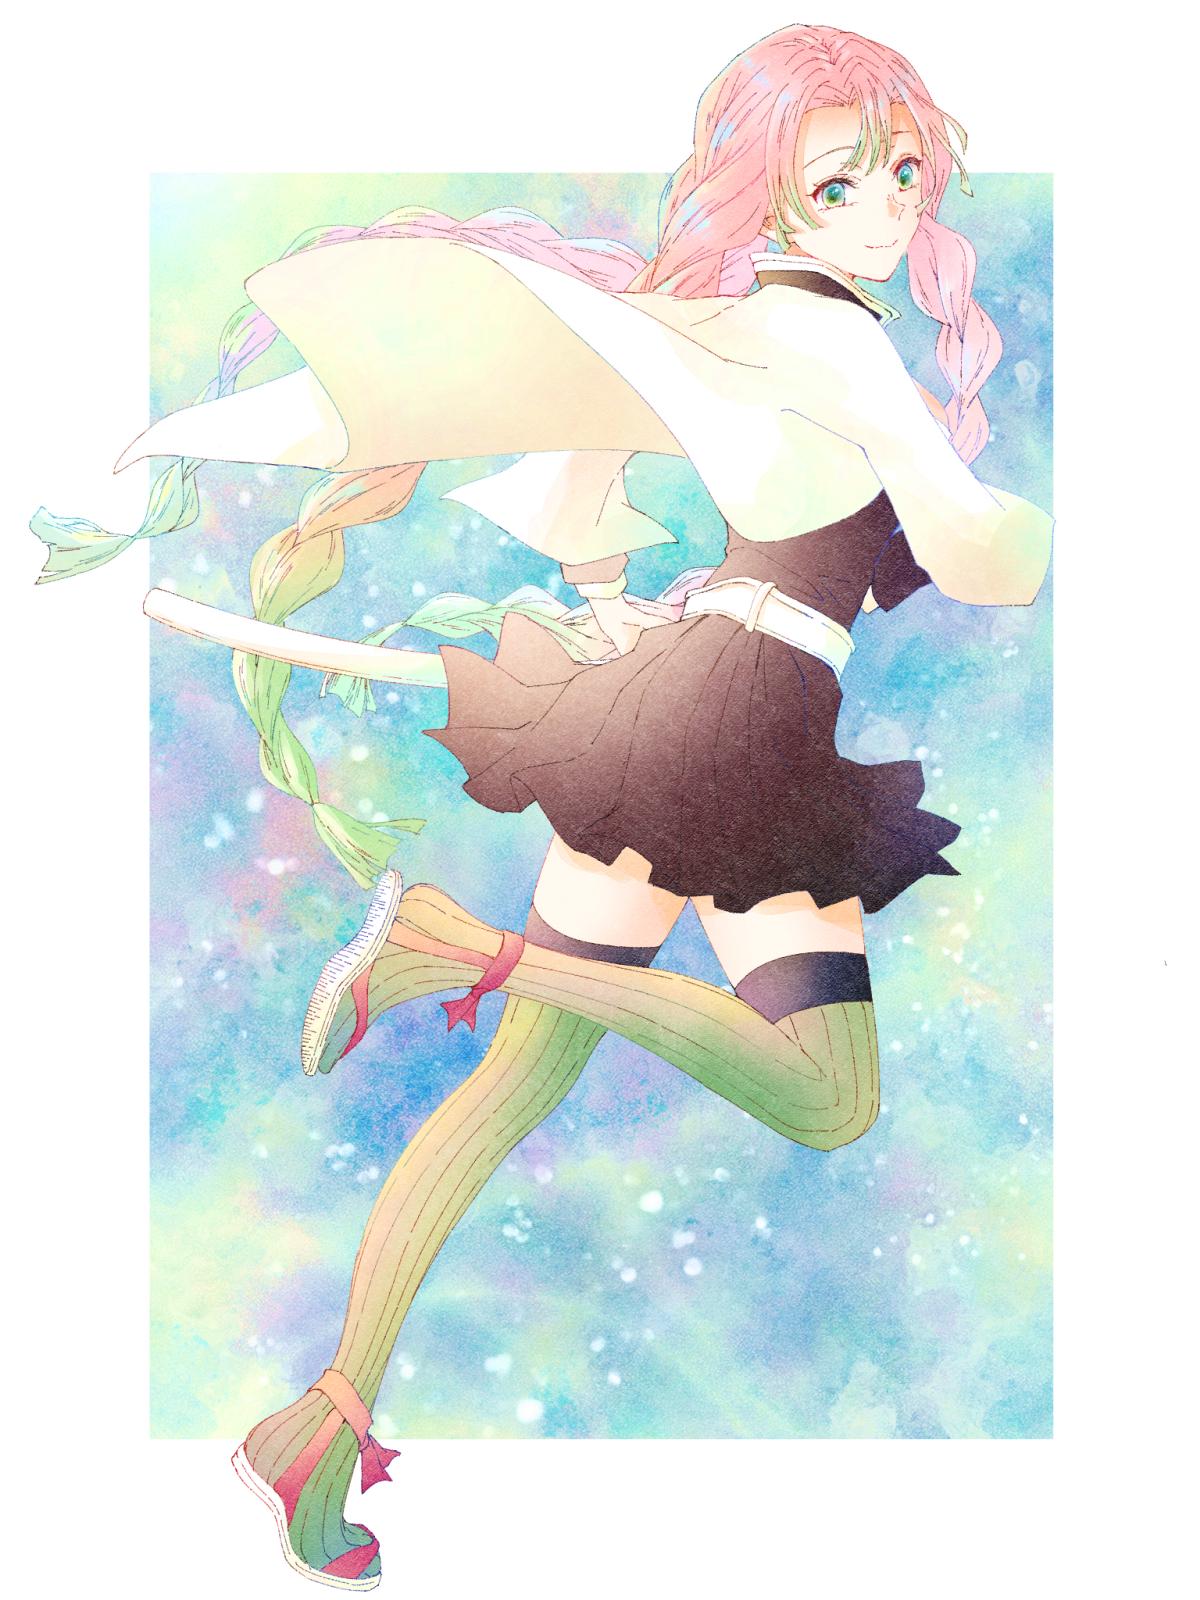 Kanroji Mitsuri Kimetsu No Yaiba Wallpaper 2602917 Zerochan Anime Image Board Tons of awesome mitsuri kanroji wallpapers to download for free. kanroji mitsuri kimetsu no yaiba